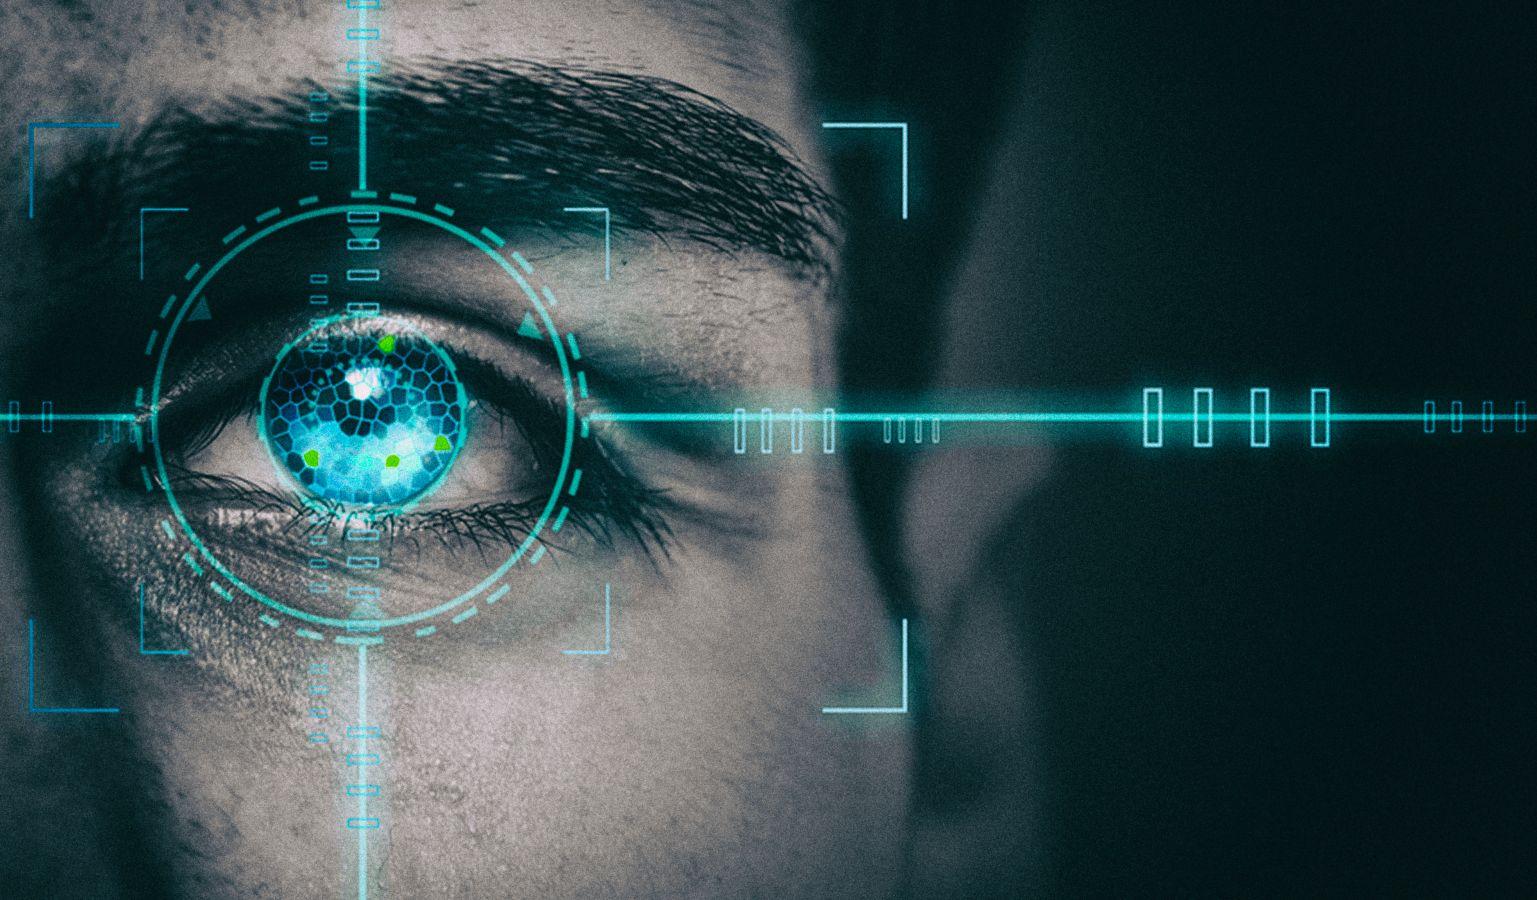 Запущен стартап, который хочет платить людям за сканирование их глаз